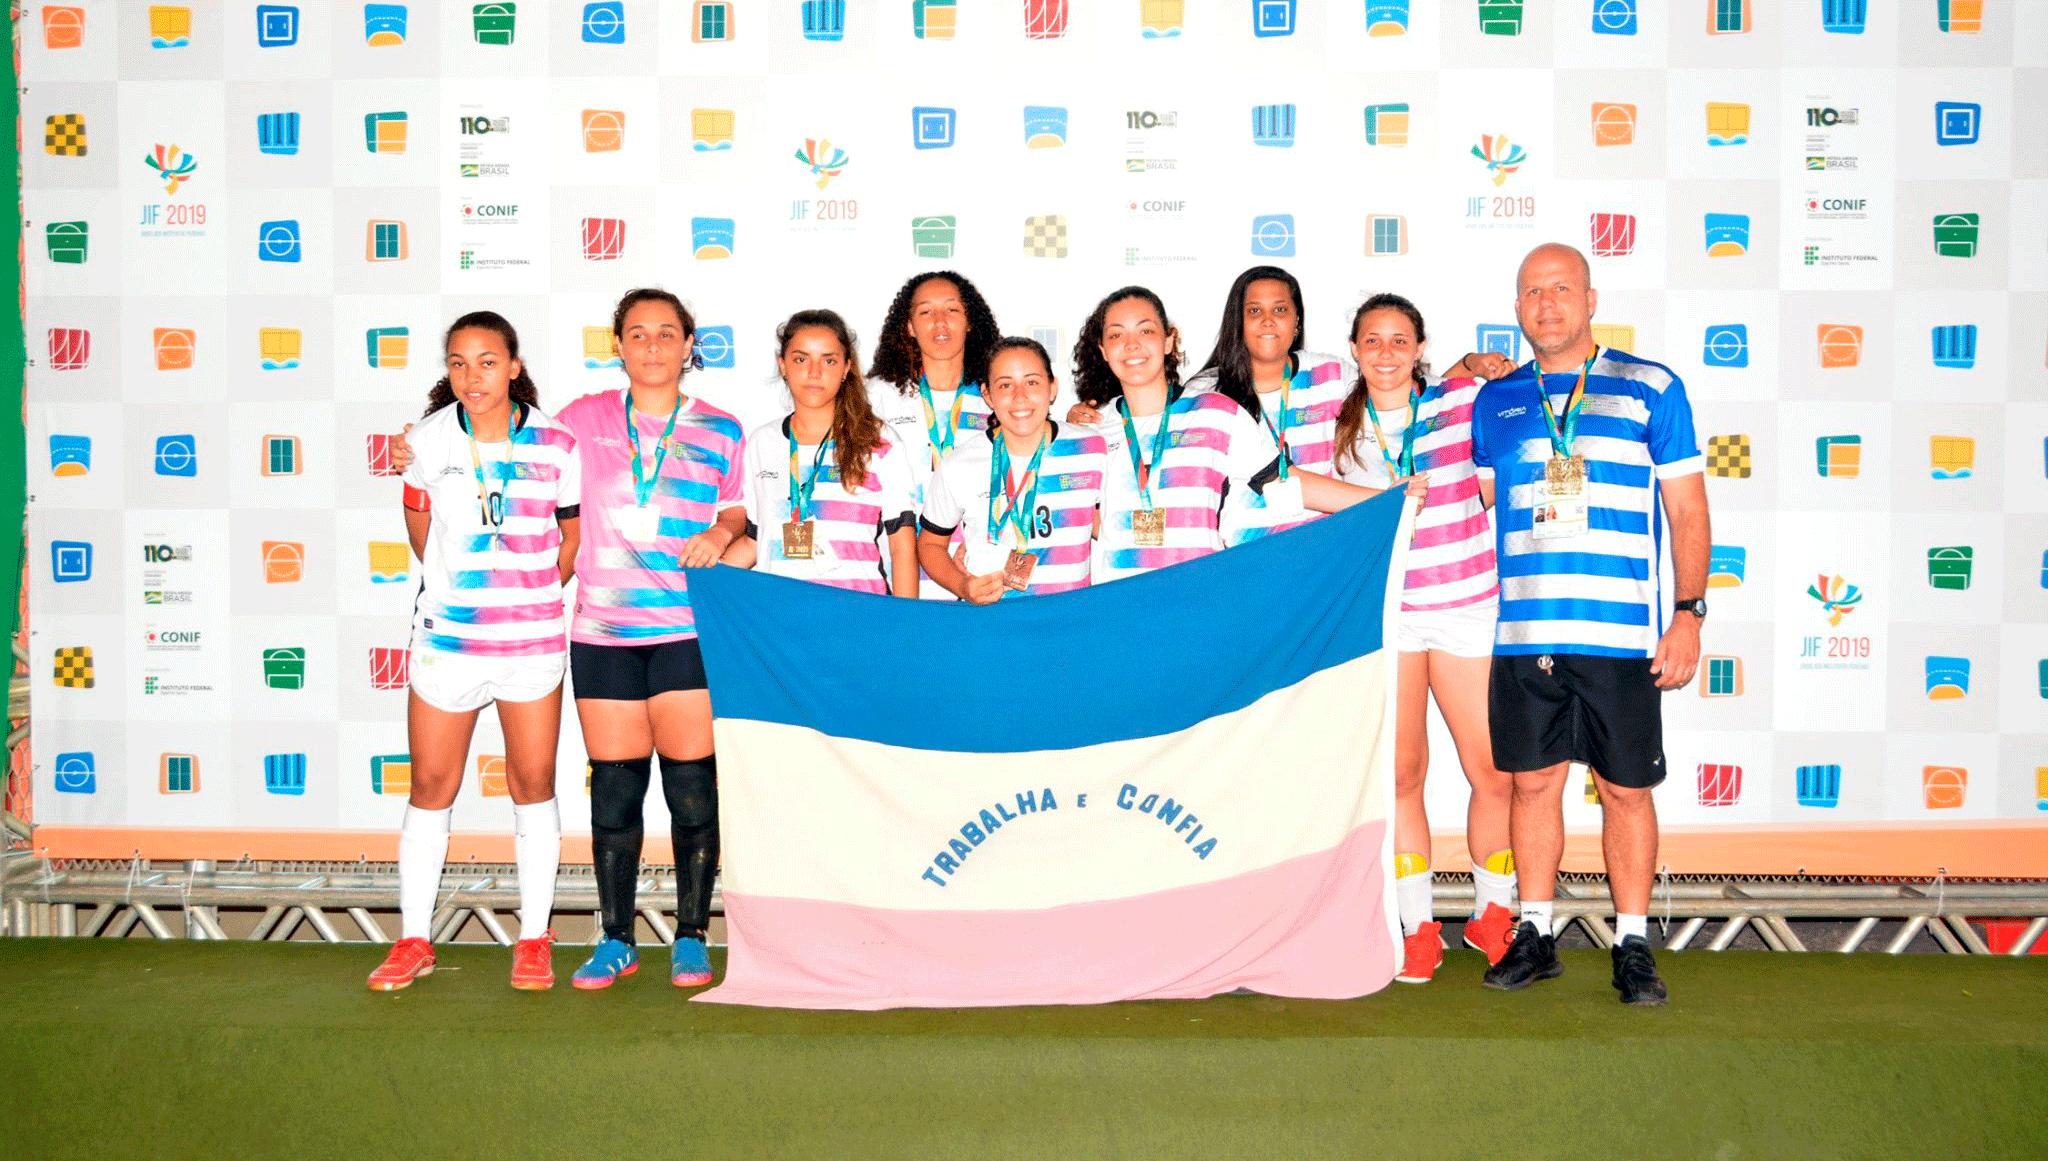 Atletas do Ifes conquistam medalhas e troféus em nove modalidades no JIF 2019